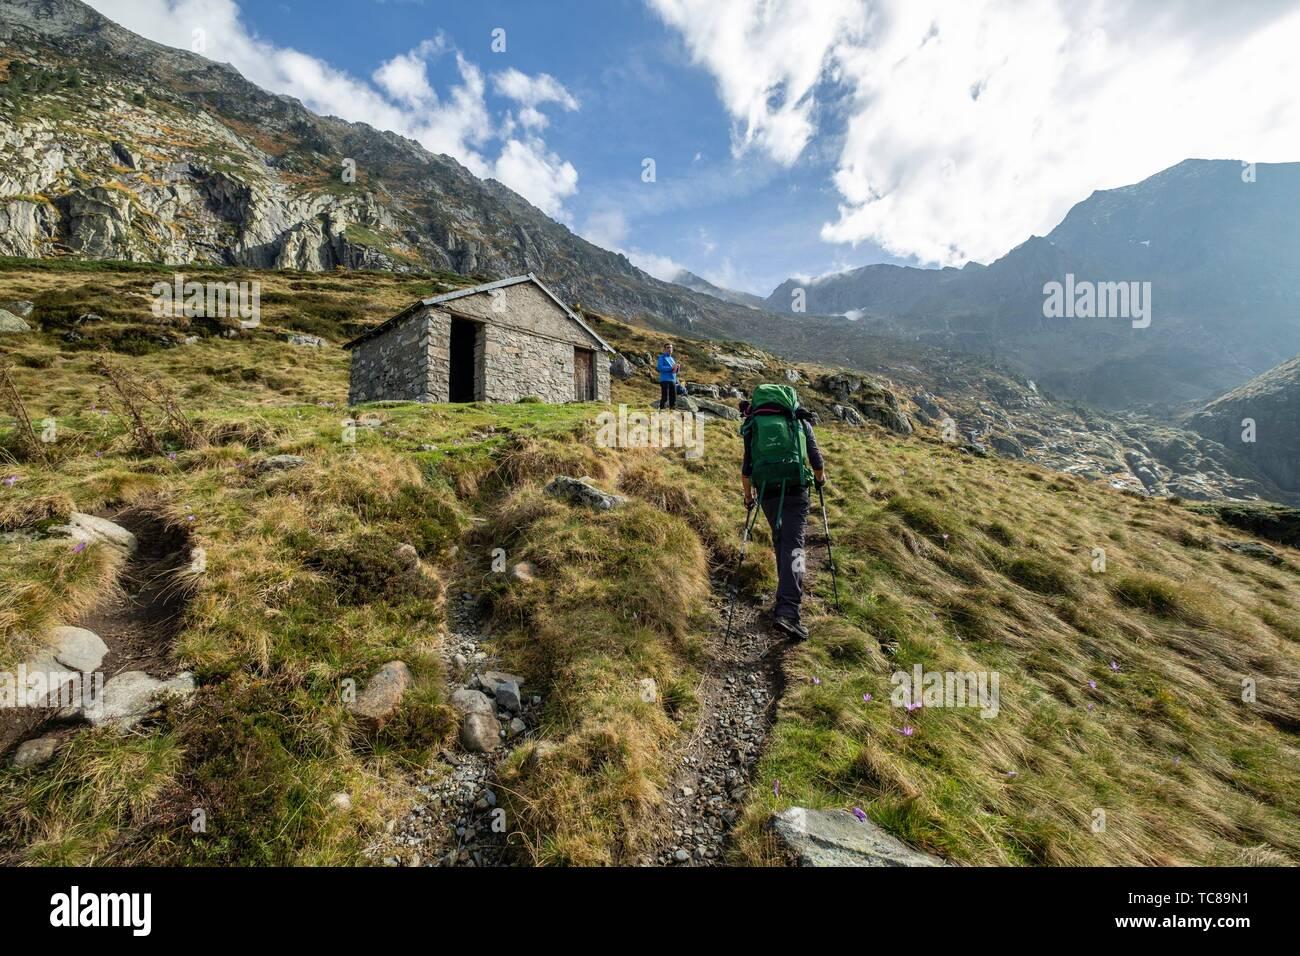 cabaña de Caoussis, valle de Valier -Riberot-, Parque Natural Regional de los Pirineos de Ariège, cordillera de los Pirineos, Francia. - Stock Image